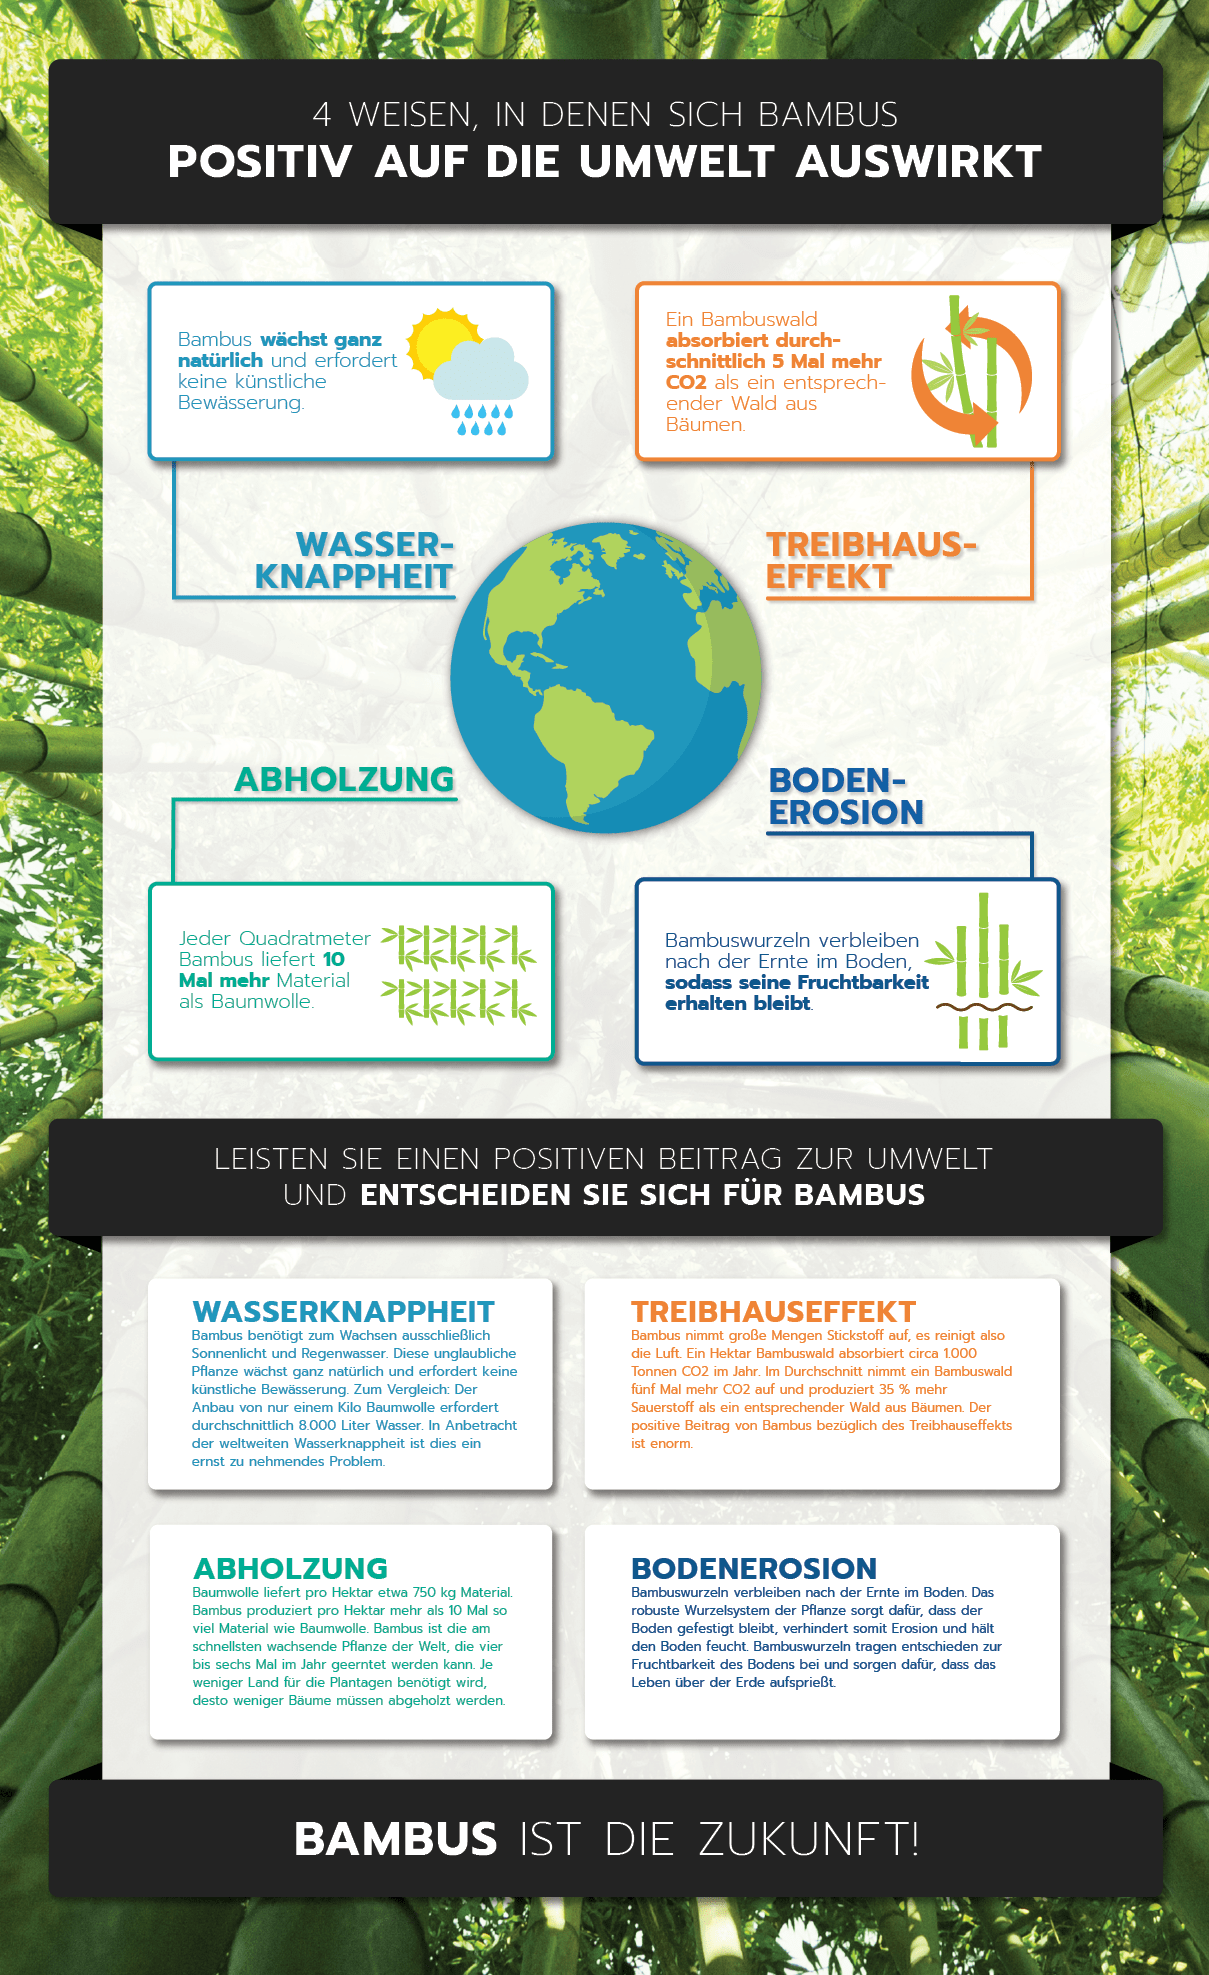 Bambus ist die Zukunft